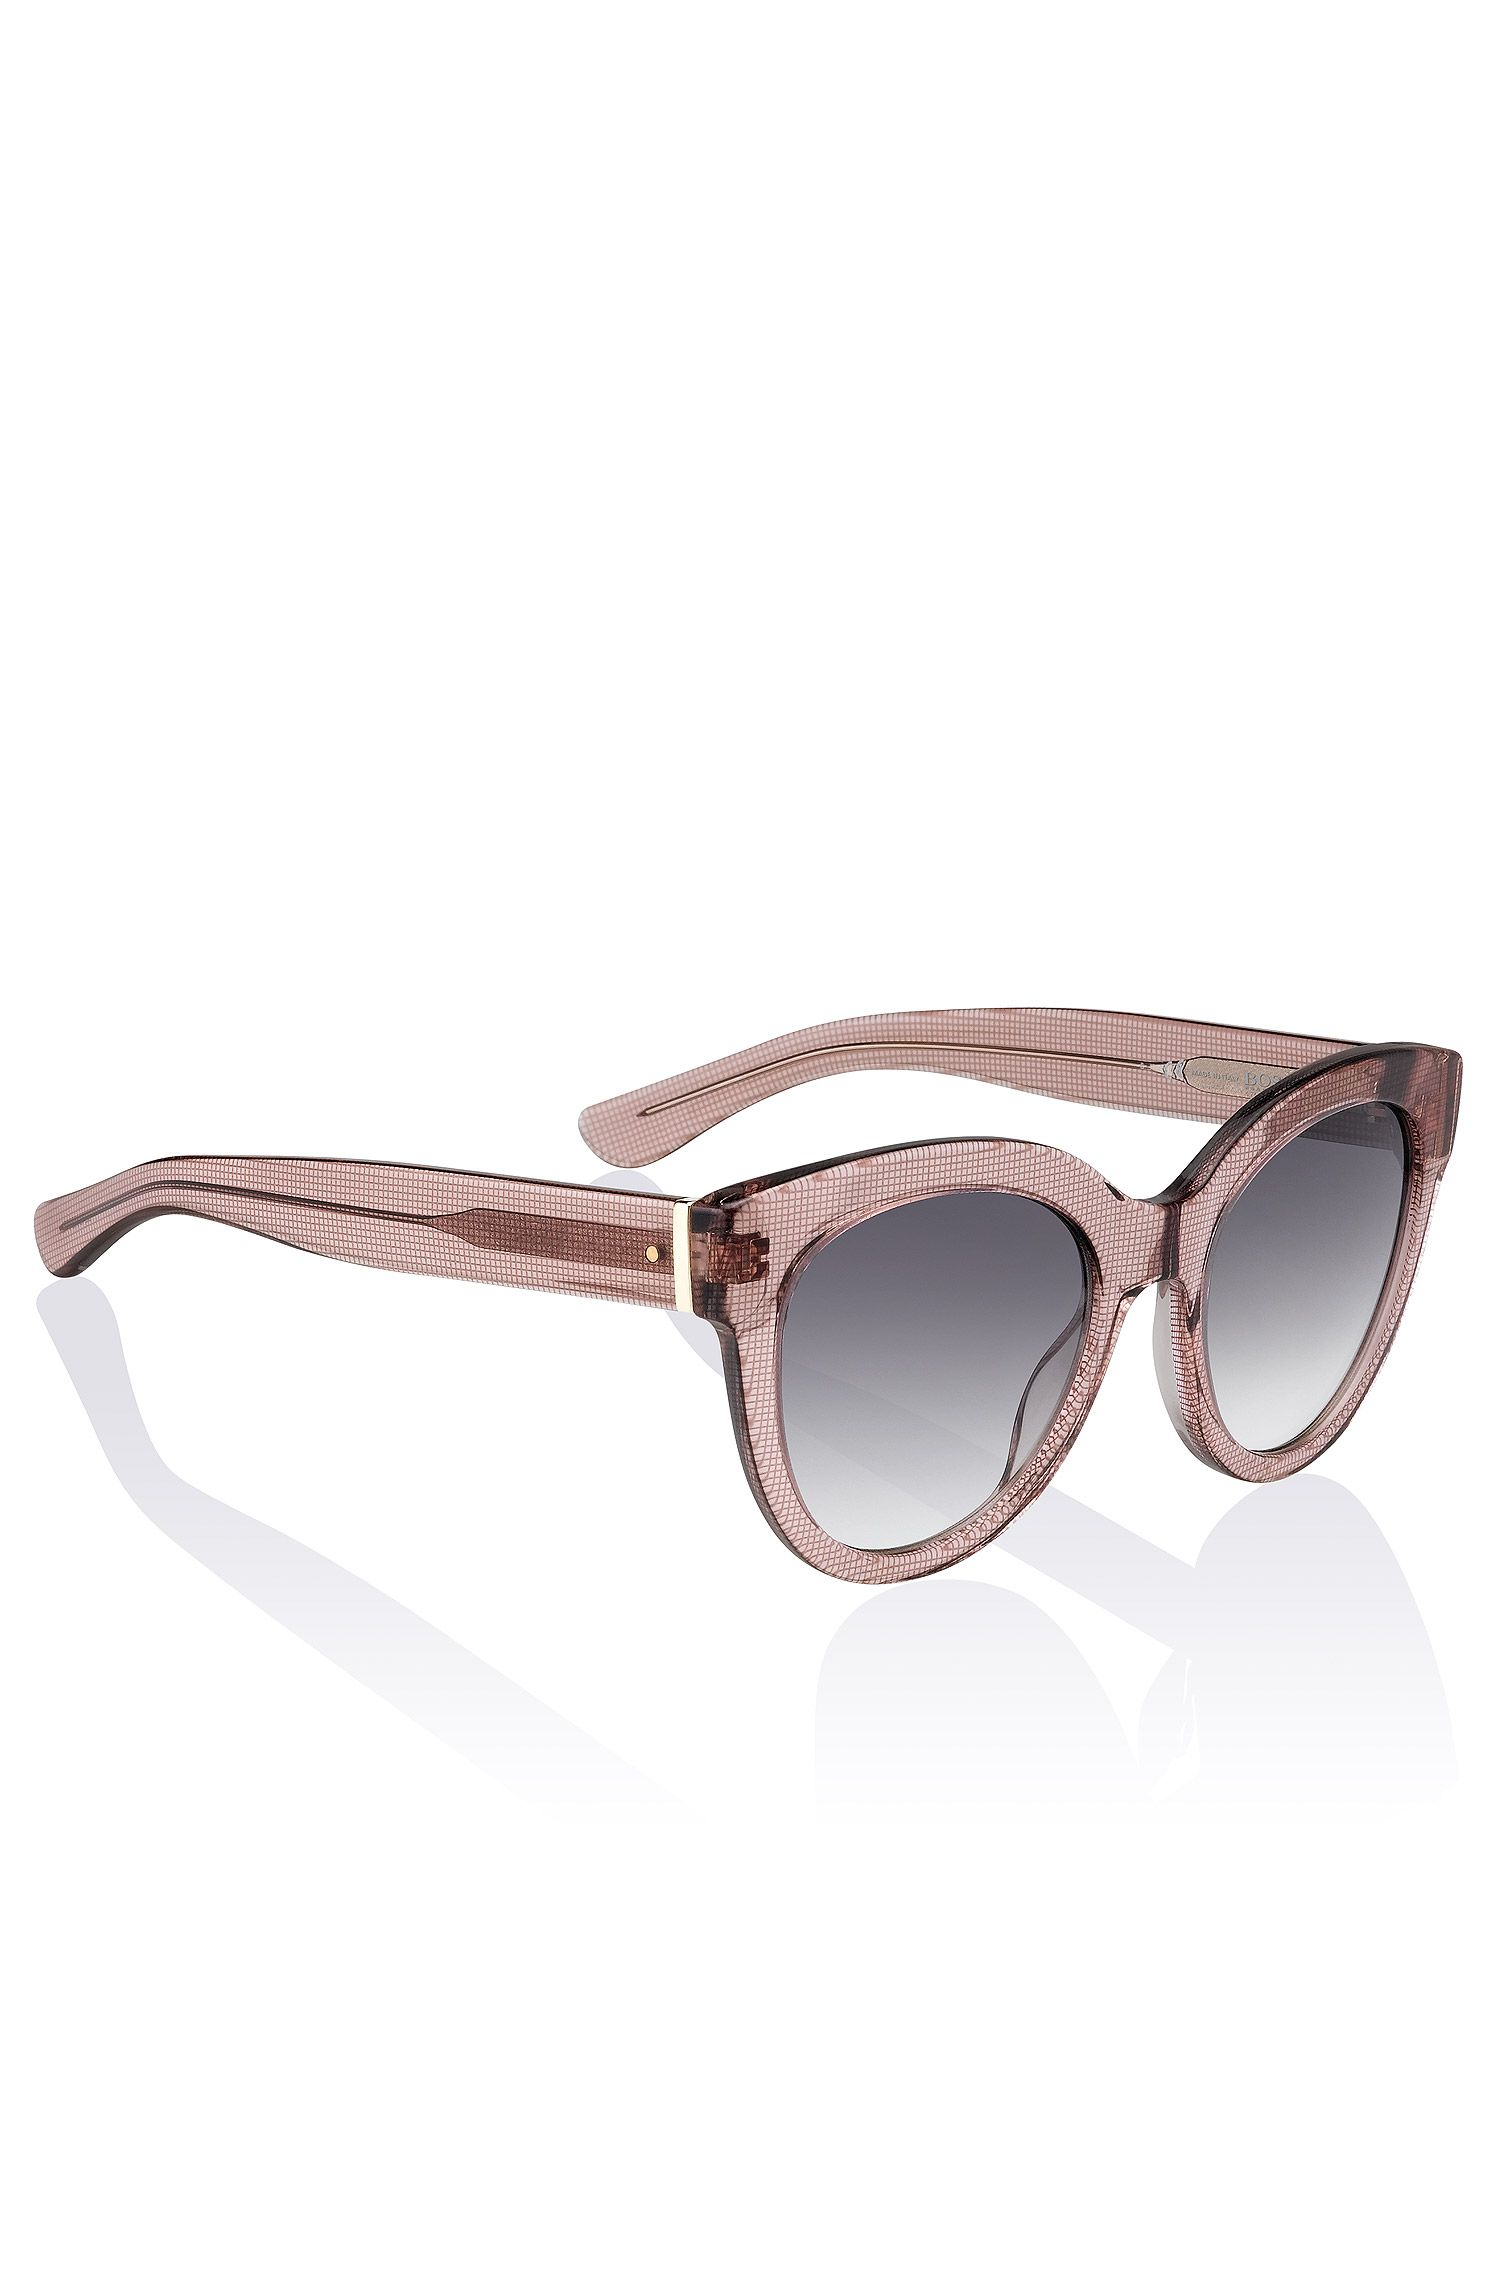 Sunglasses 'BOSS 0675' in acetate and metal